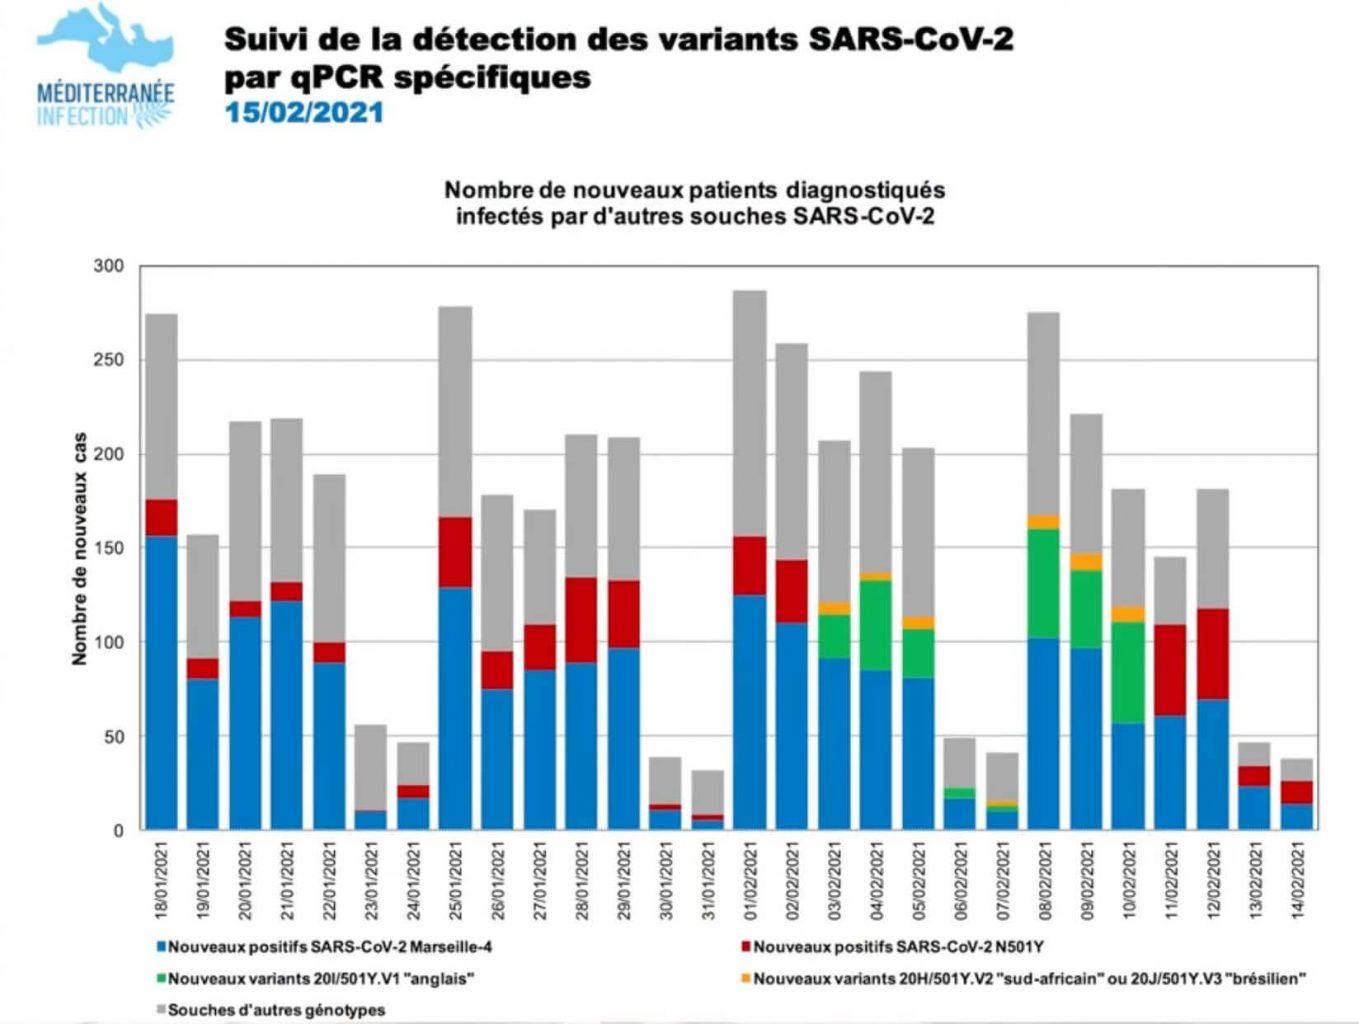 raoult-suivi-detection-variants-covid-sars-cov-2-14-fevrier-2021